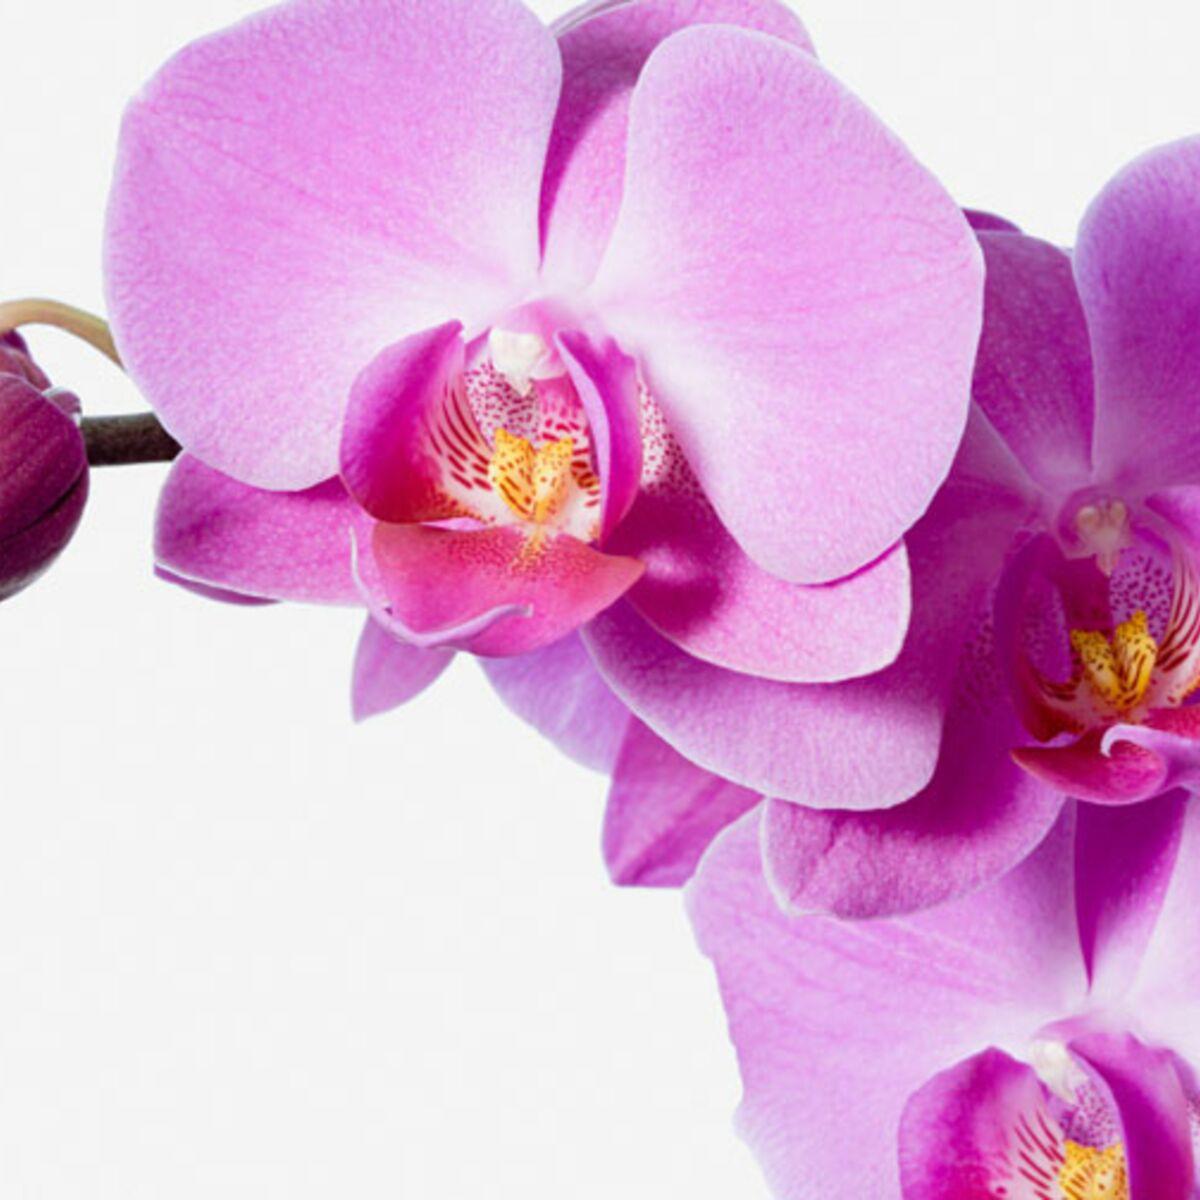 Comment Planter Une Orchidée comment entretenir les orchidées - la température idéale